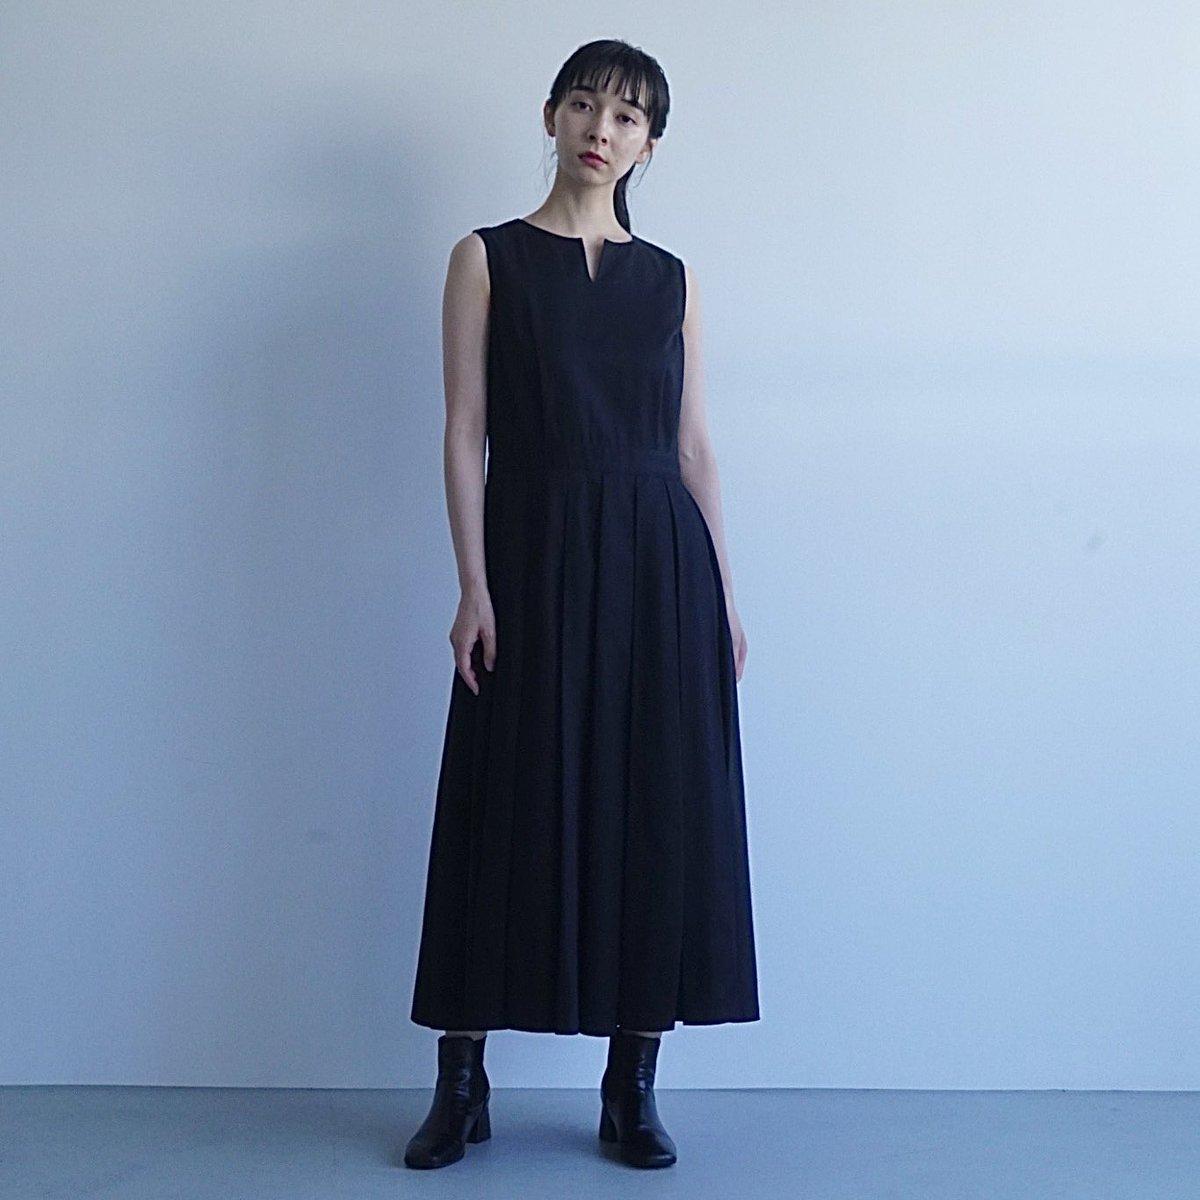 今日は一年ぶりのTHE DRESS #12 です。スカート部分はボックスタック、しっかりとした綿素材でノースリーブなので季節を問わずお使いいただけます💡